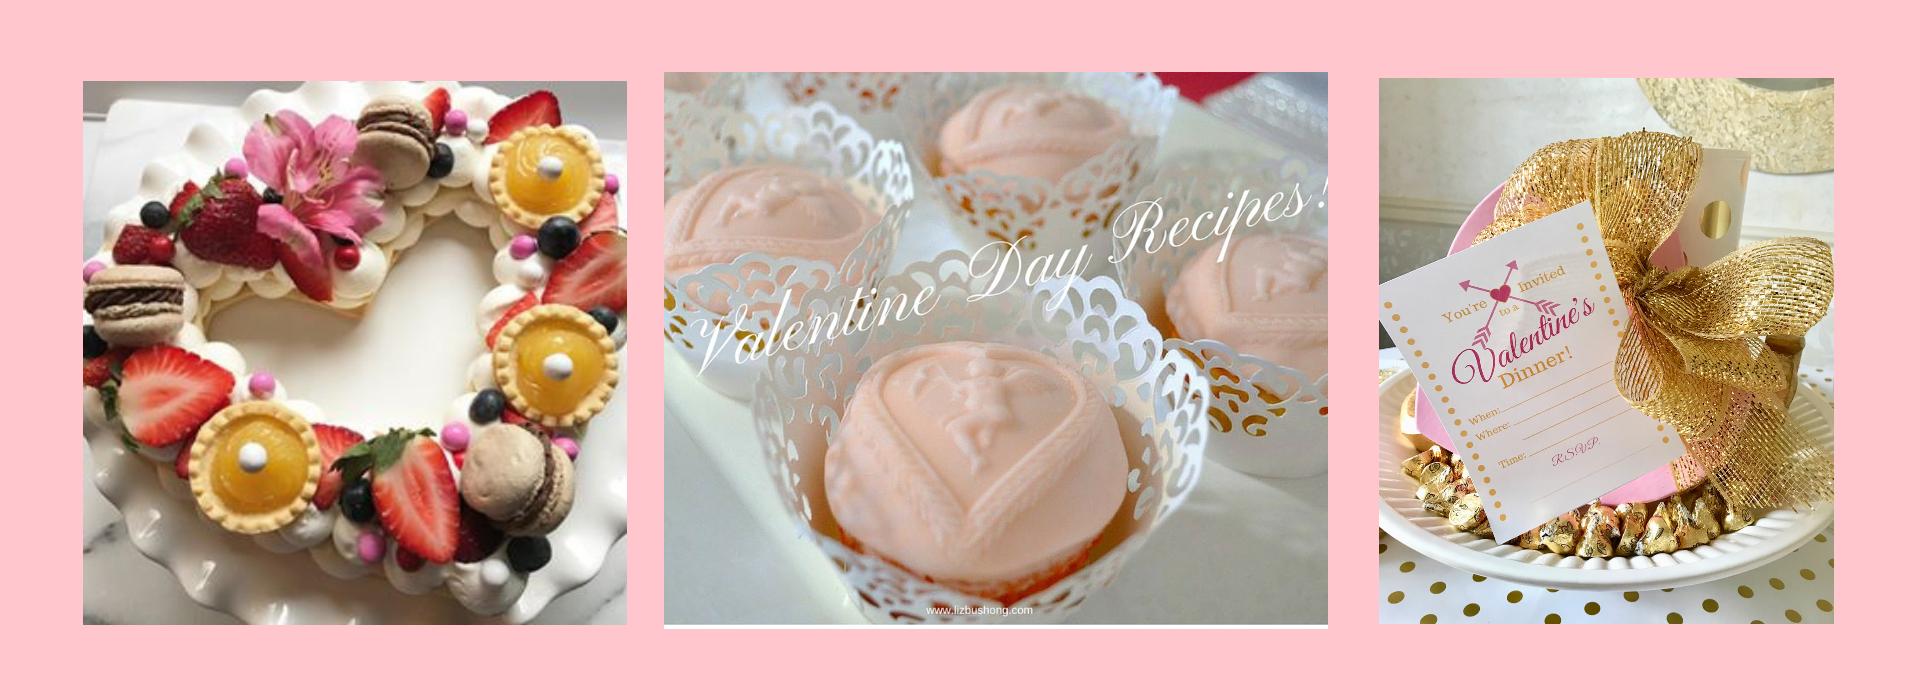 Slider- Valentines Day Trio-lizbushong.com